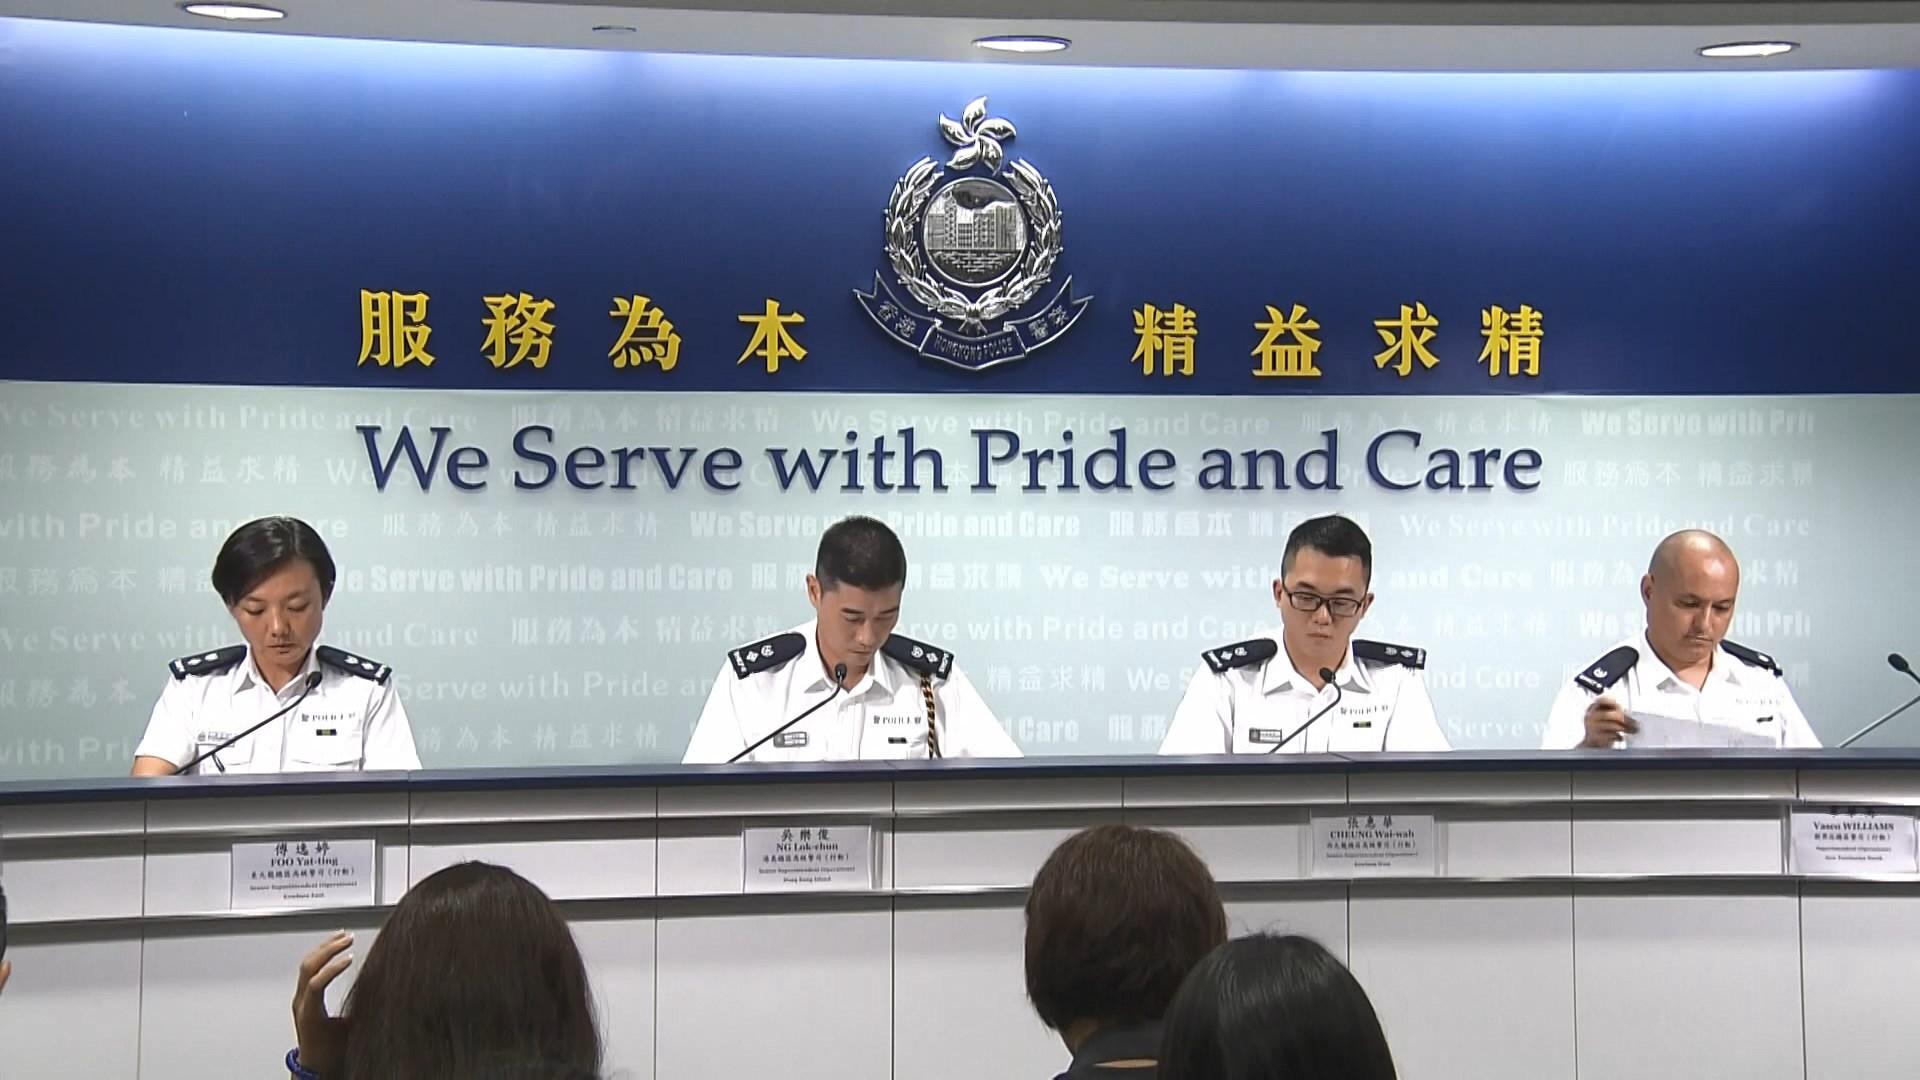 警方:日後示威會直接拘捕及檢控暴動是謠言